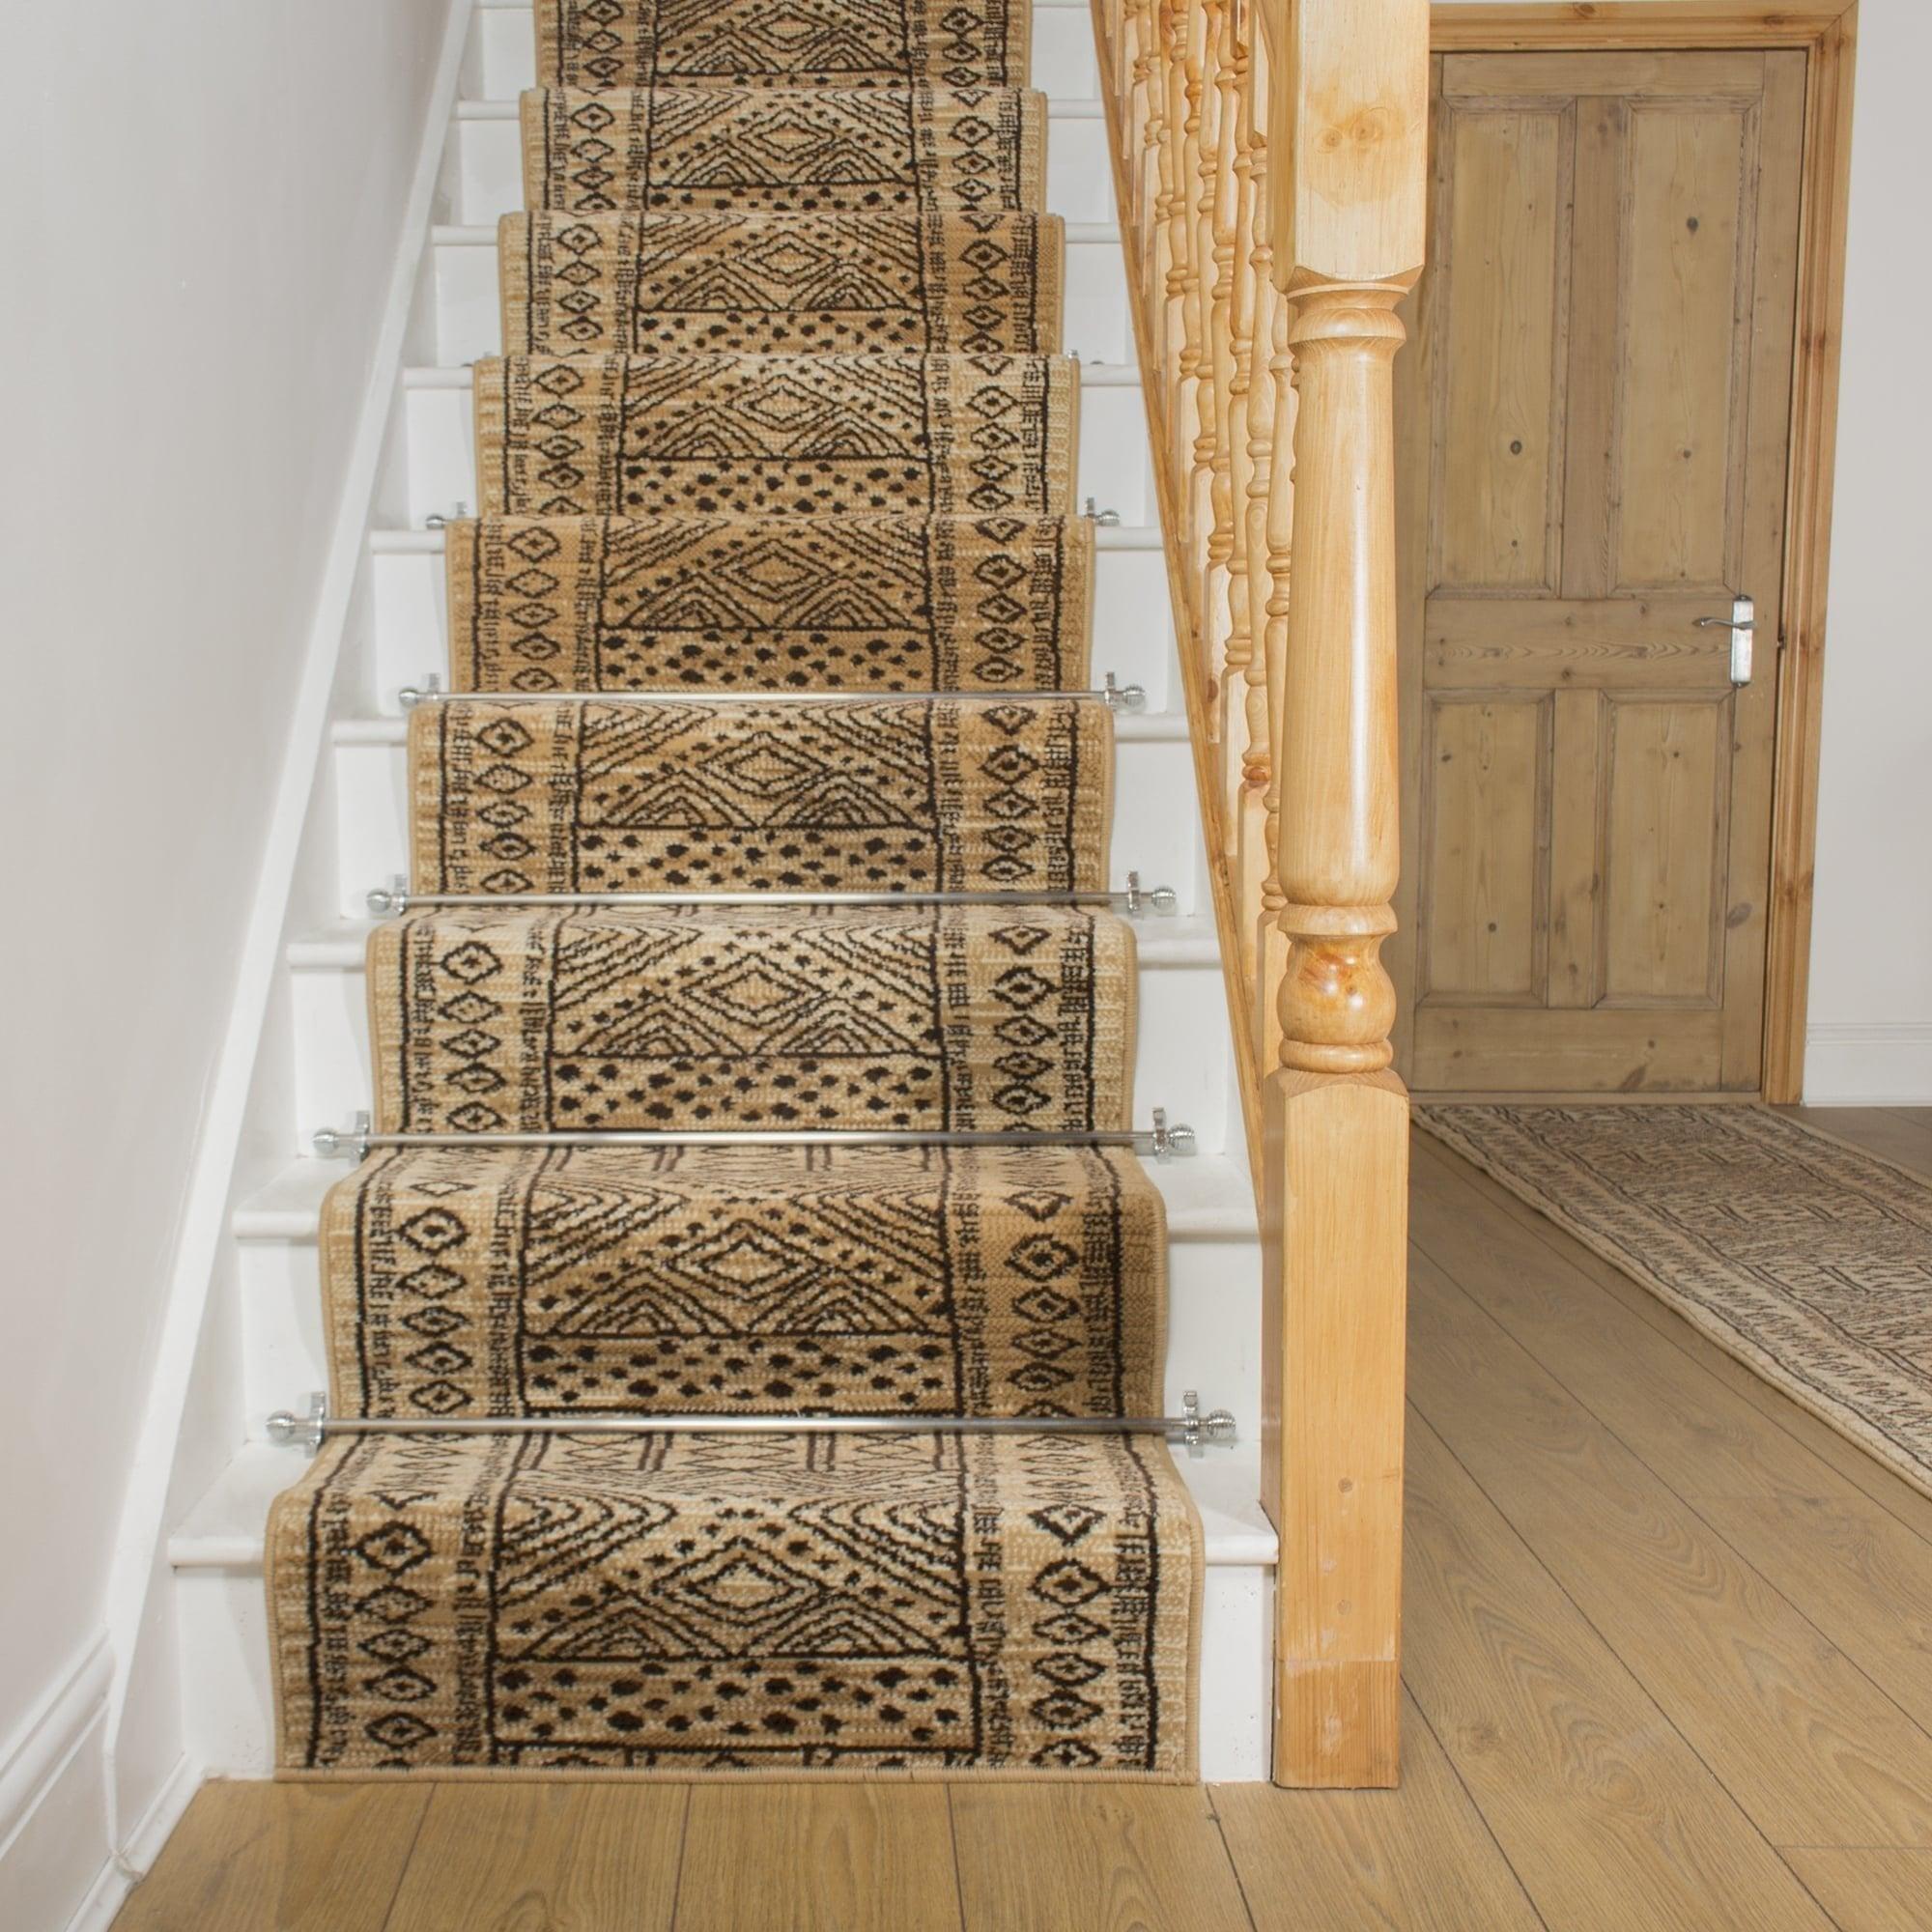 Afrikans berber stair runner for Woven carpet for stairs